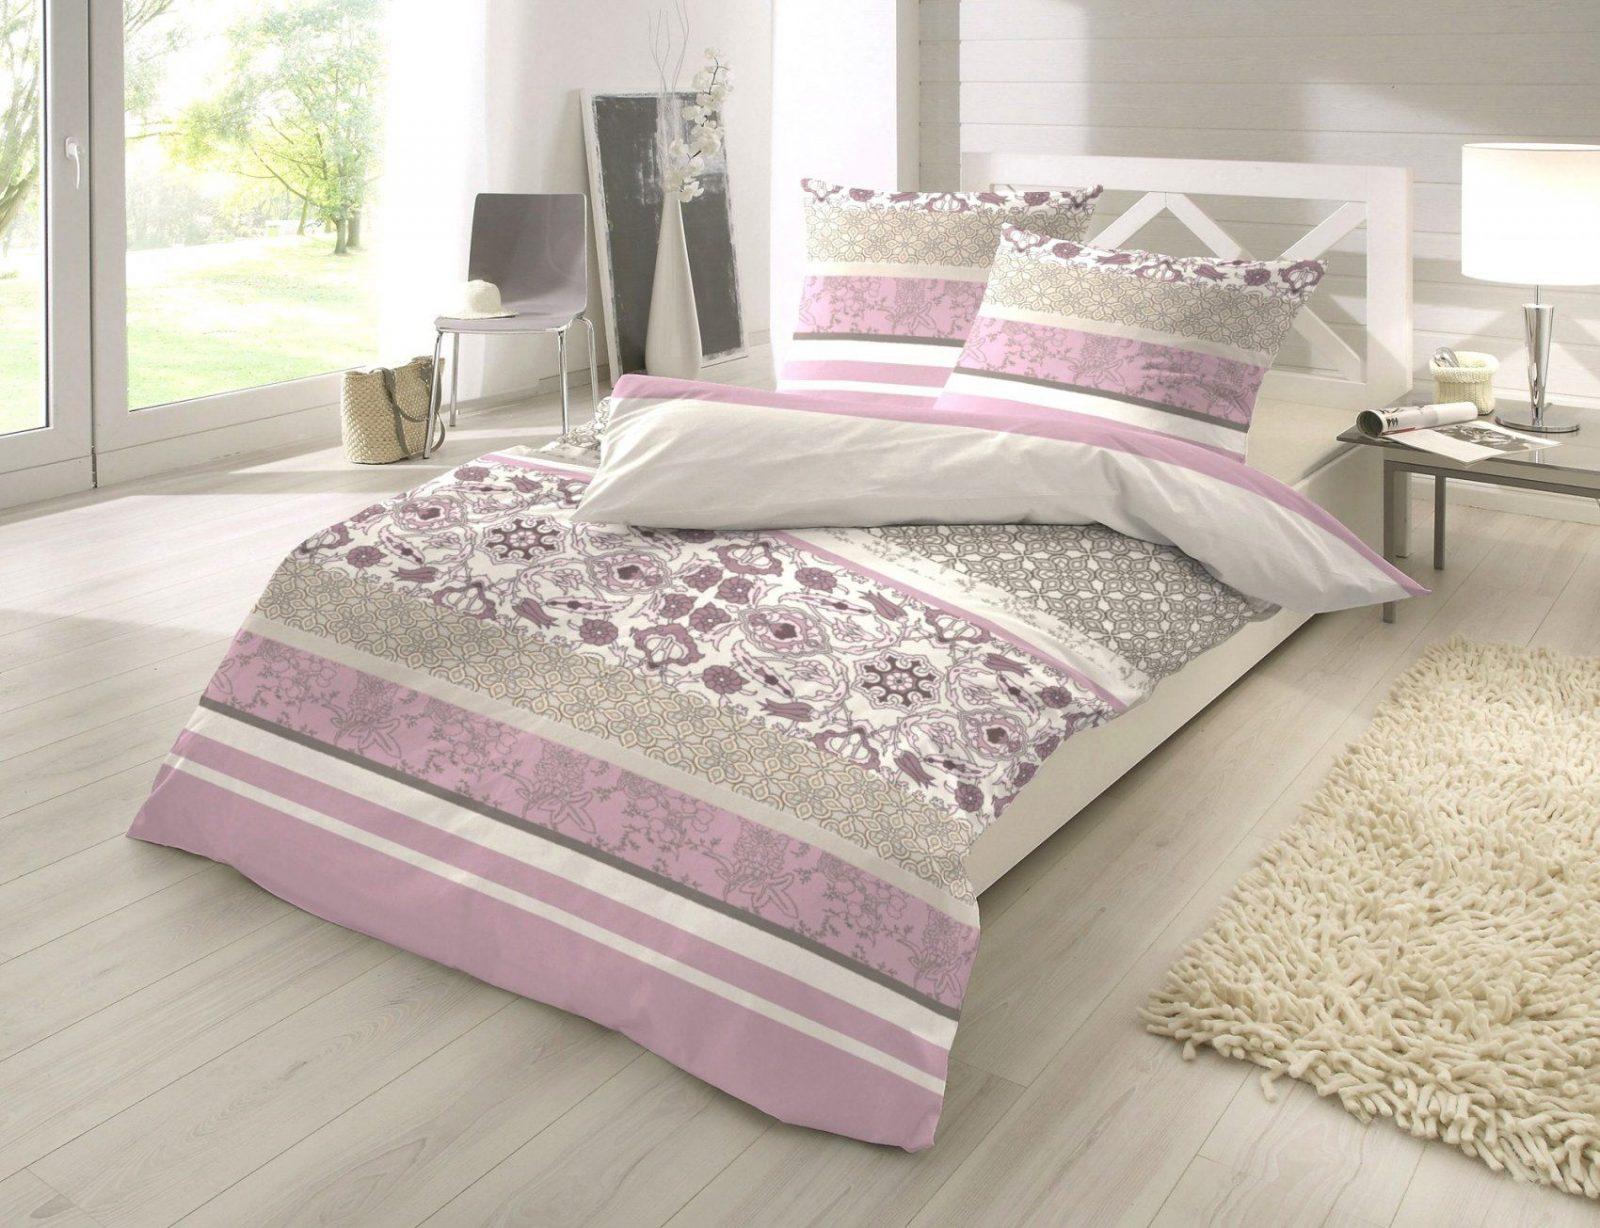 Gute Ideen Biber Bettwäsche Lila Und Angenehme Online Kaufen von Biber Bettwäsche Lila Bild